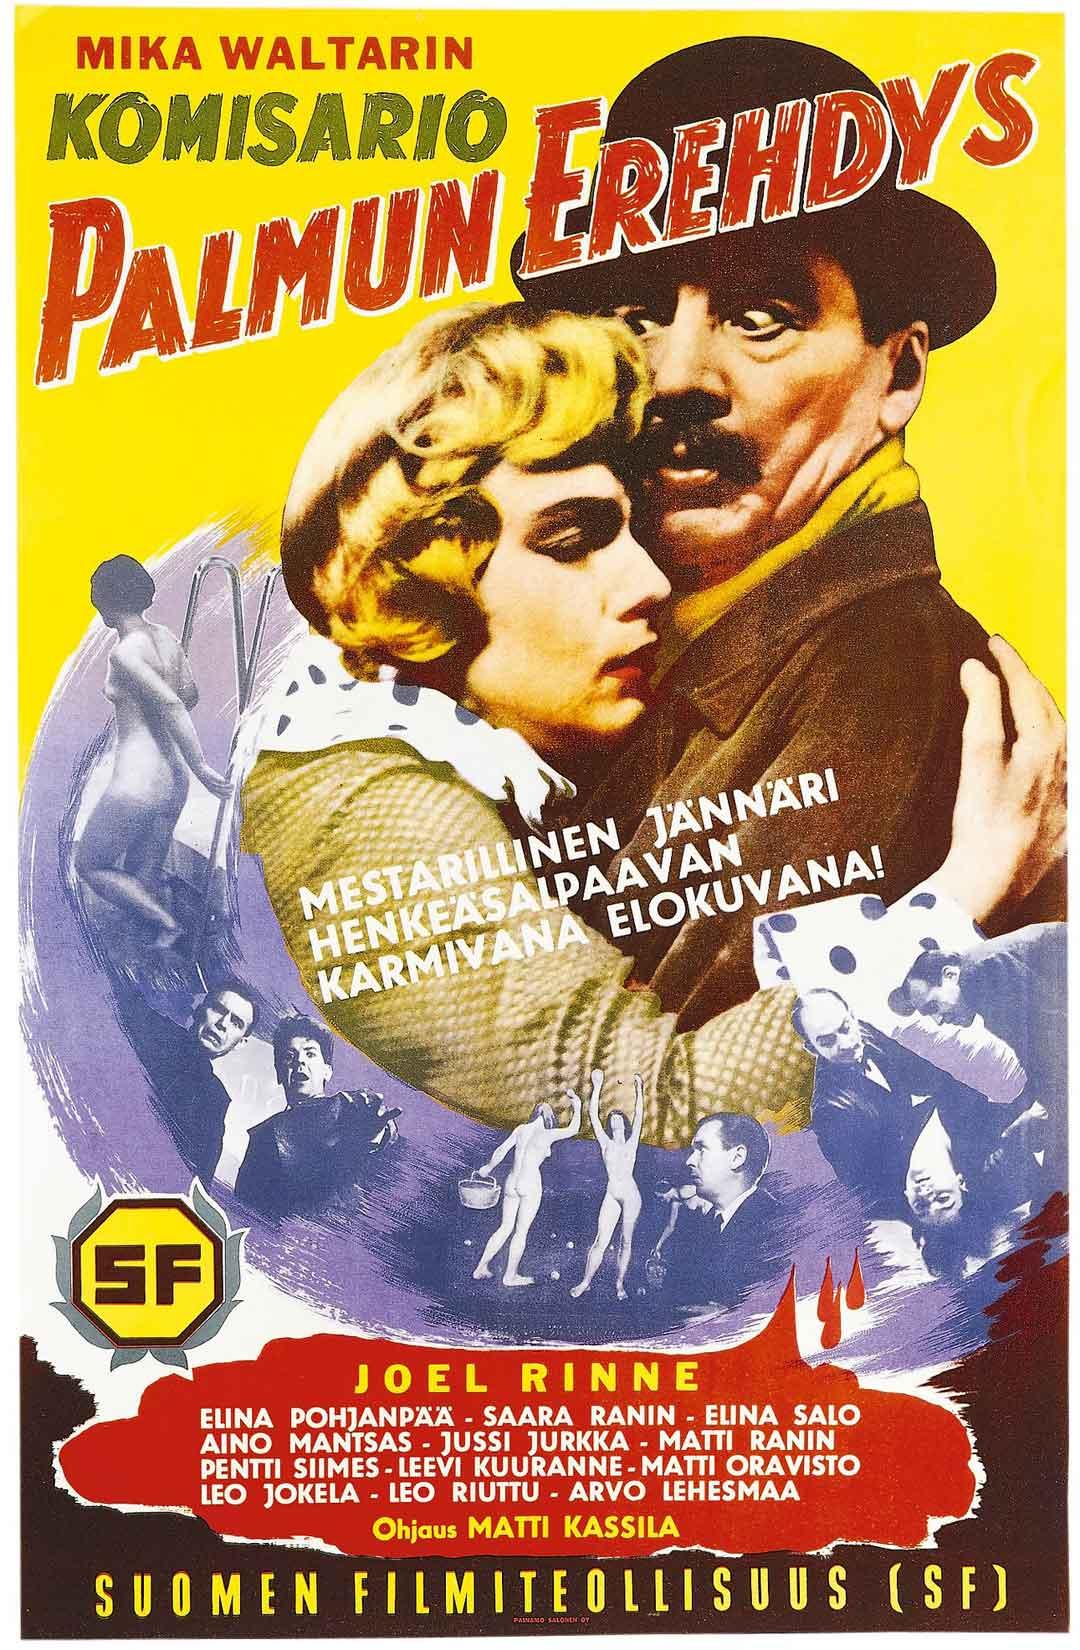 Helsinkiläiset leffafriikit ylpeilevät turhaan Komisario Palmun erehdyksen ensi-illasta, sillä todellisuudessa elokuva nähtiin ensimmäisen kerran Oulussa.